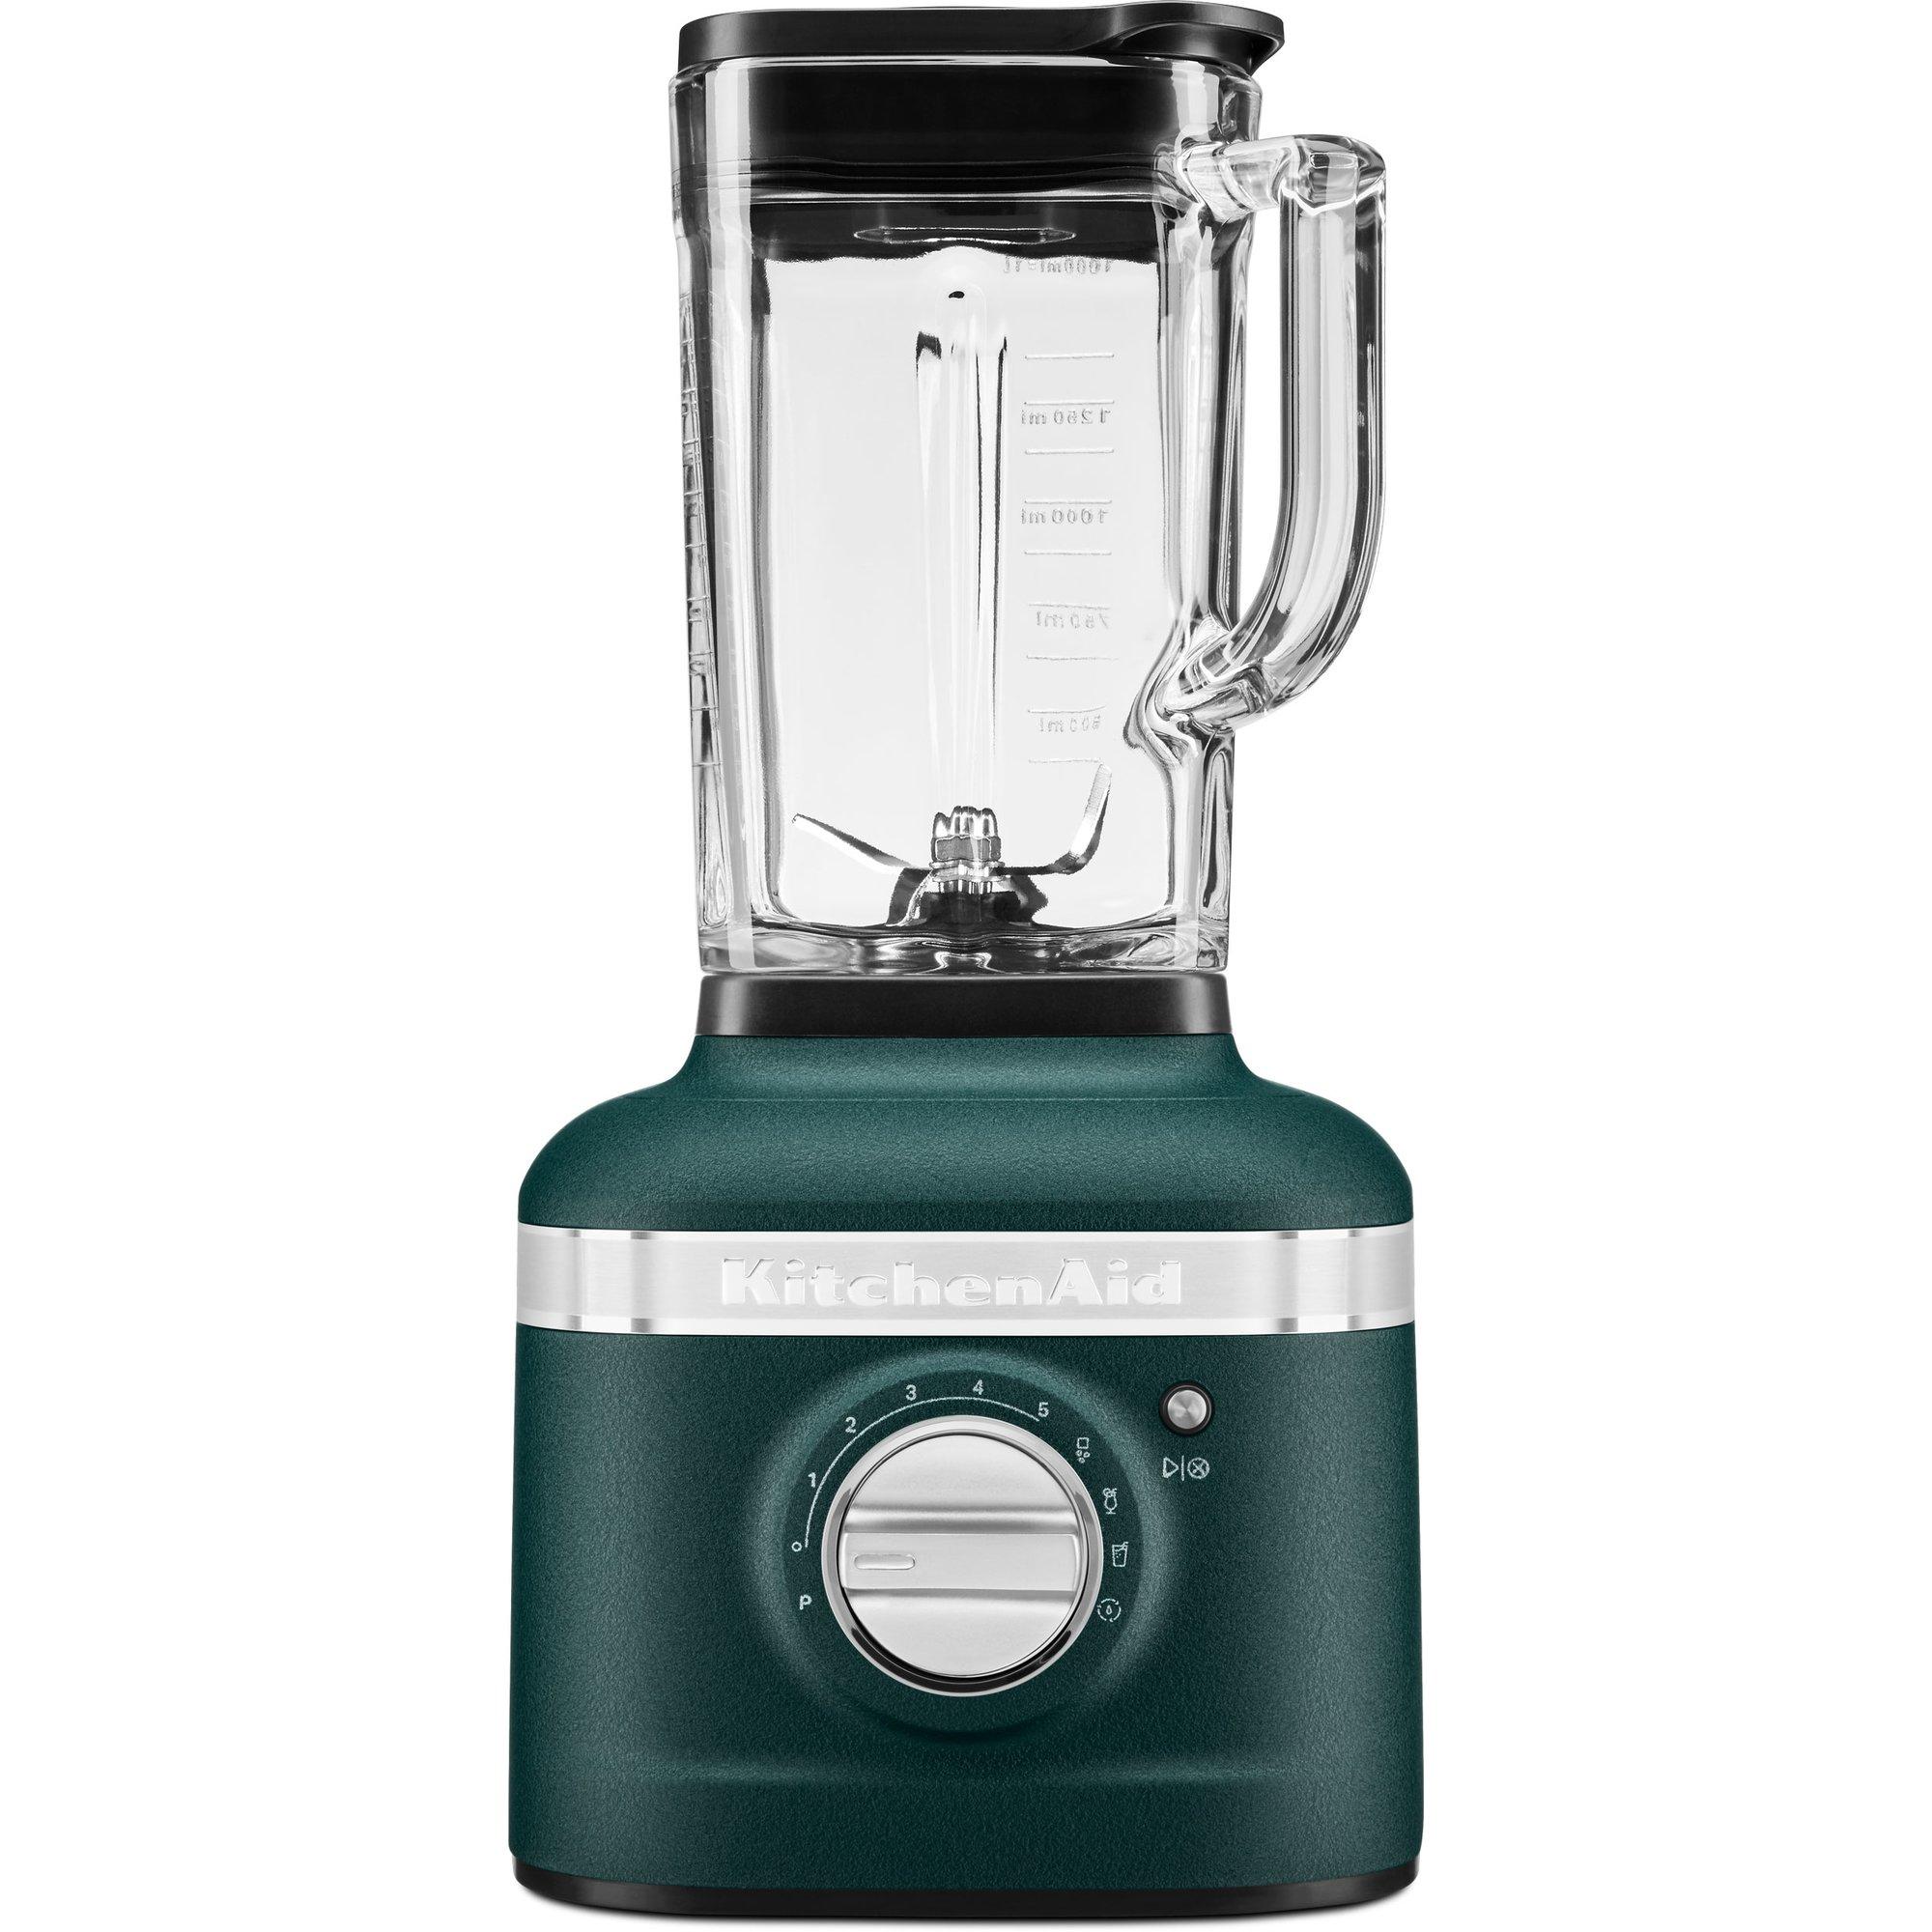 KitchenAid Artisan K400 Blender mörkgrön